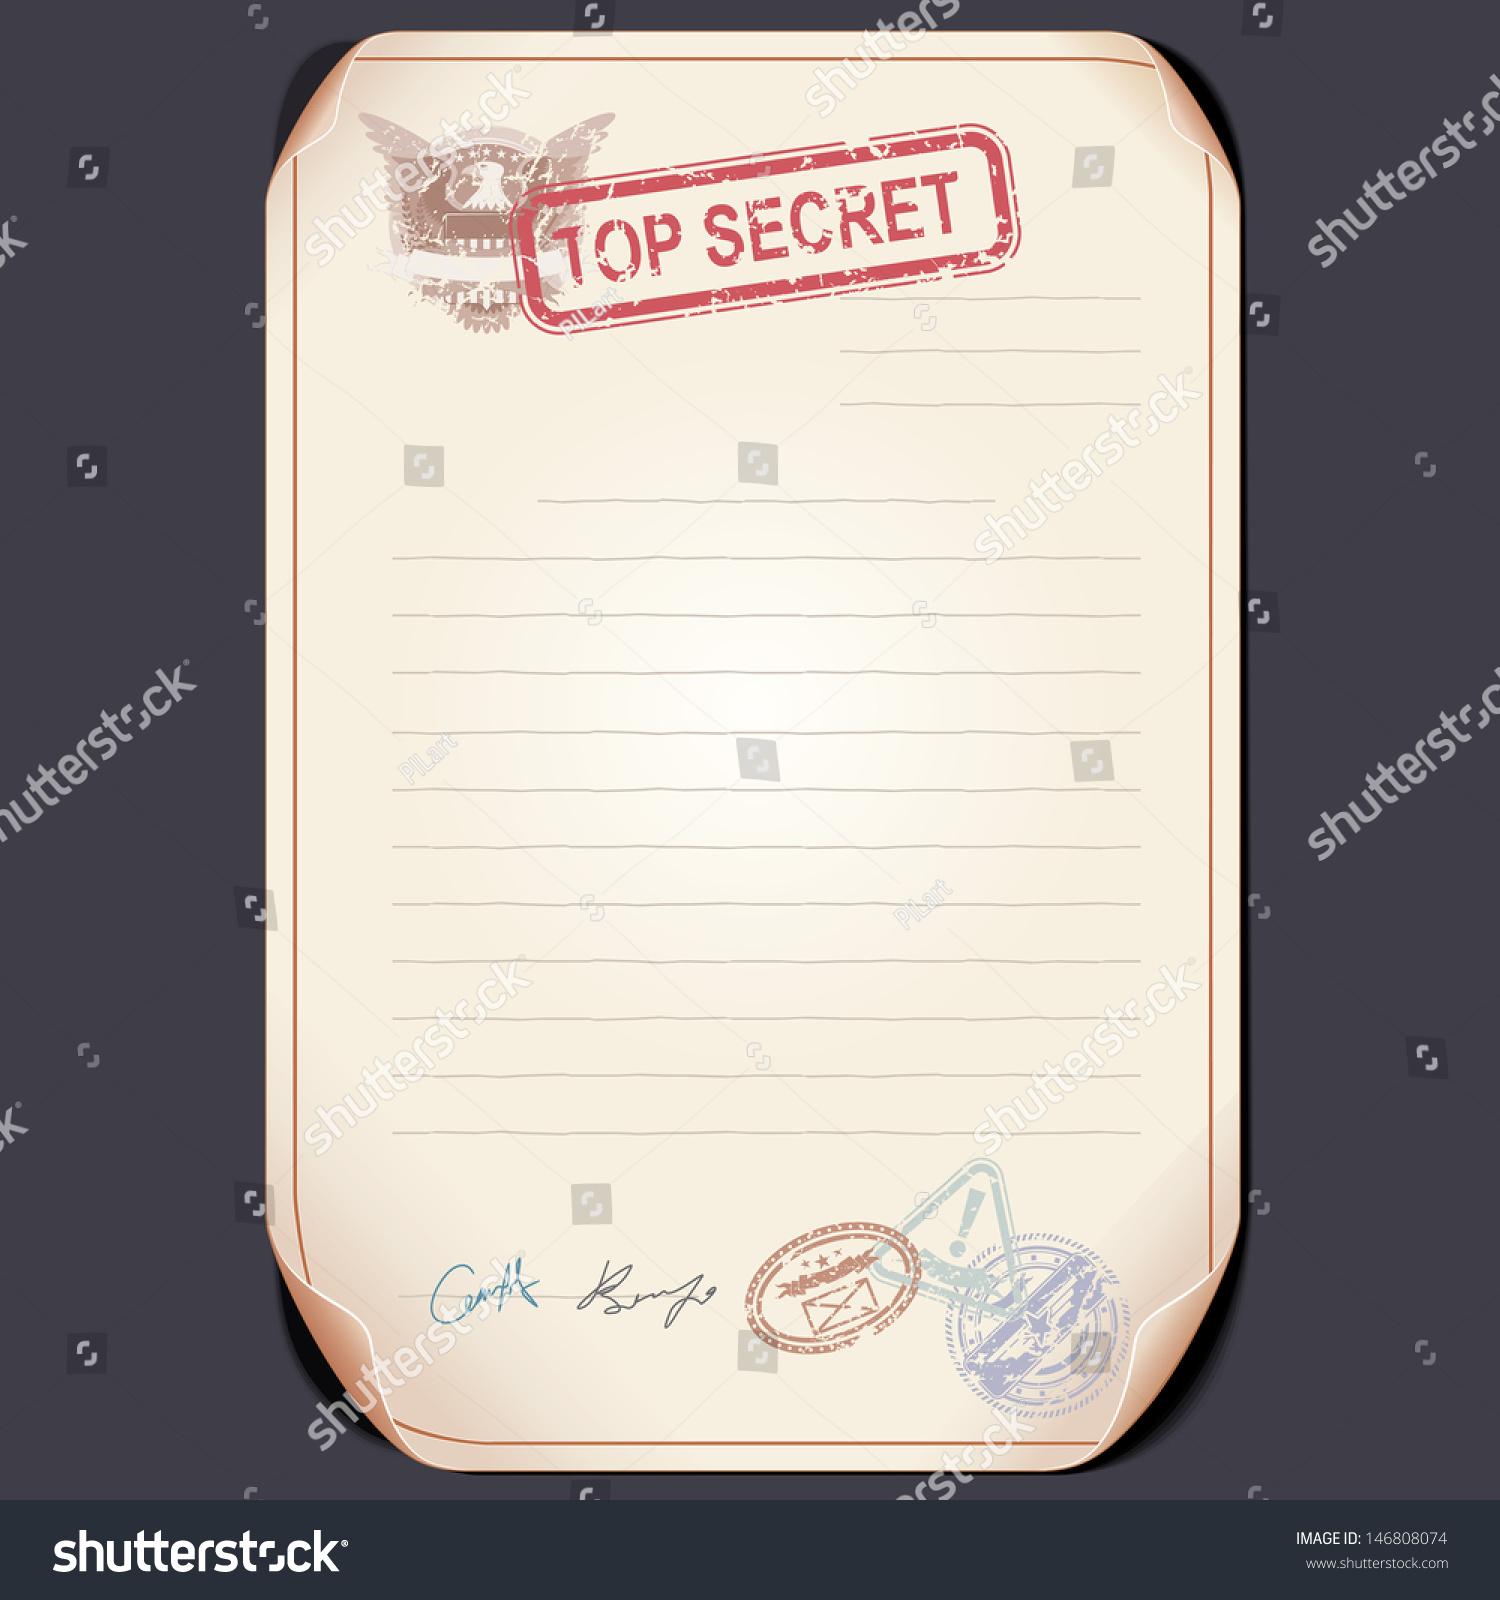 old top secret document on table stock illustration. Black Bedroom Furniture Sets. Home Design Ideas